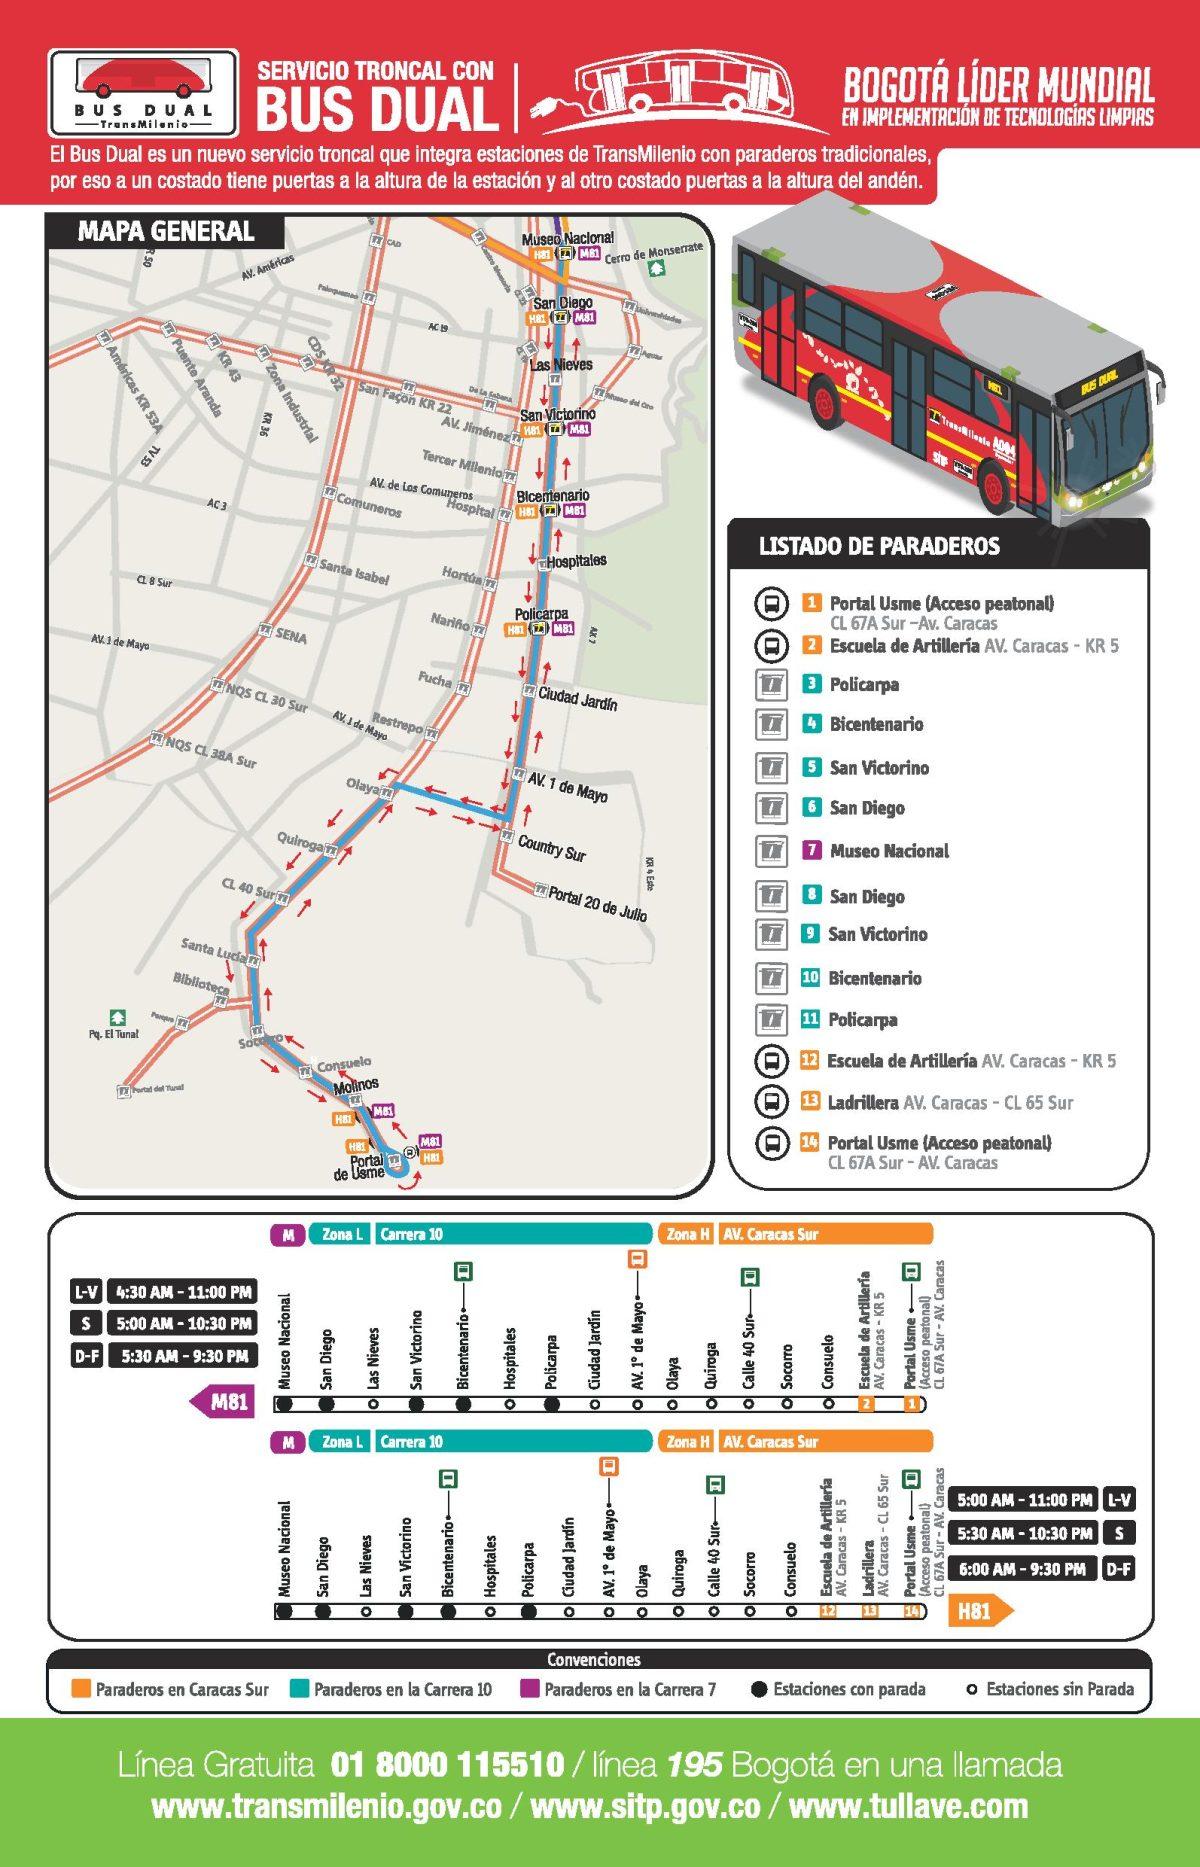 Mapa ruta urbana M81-H81